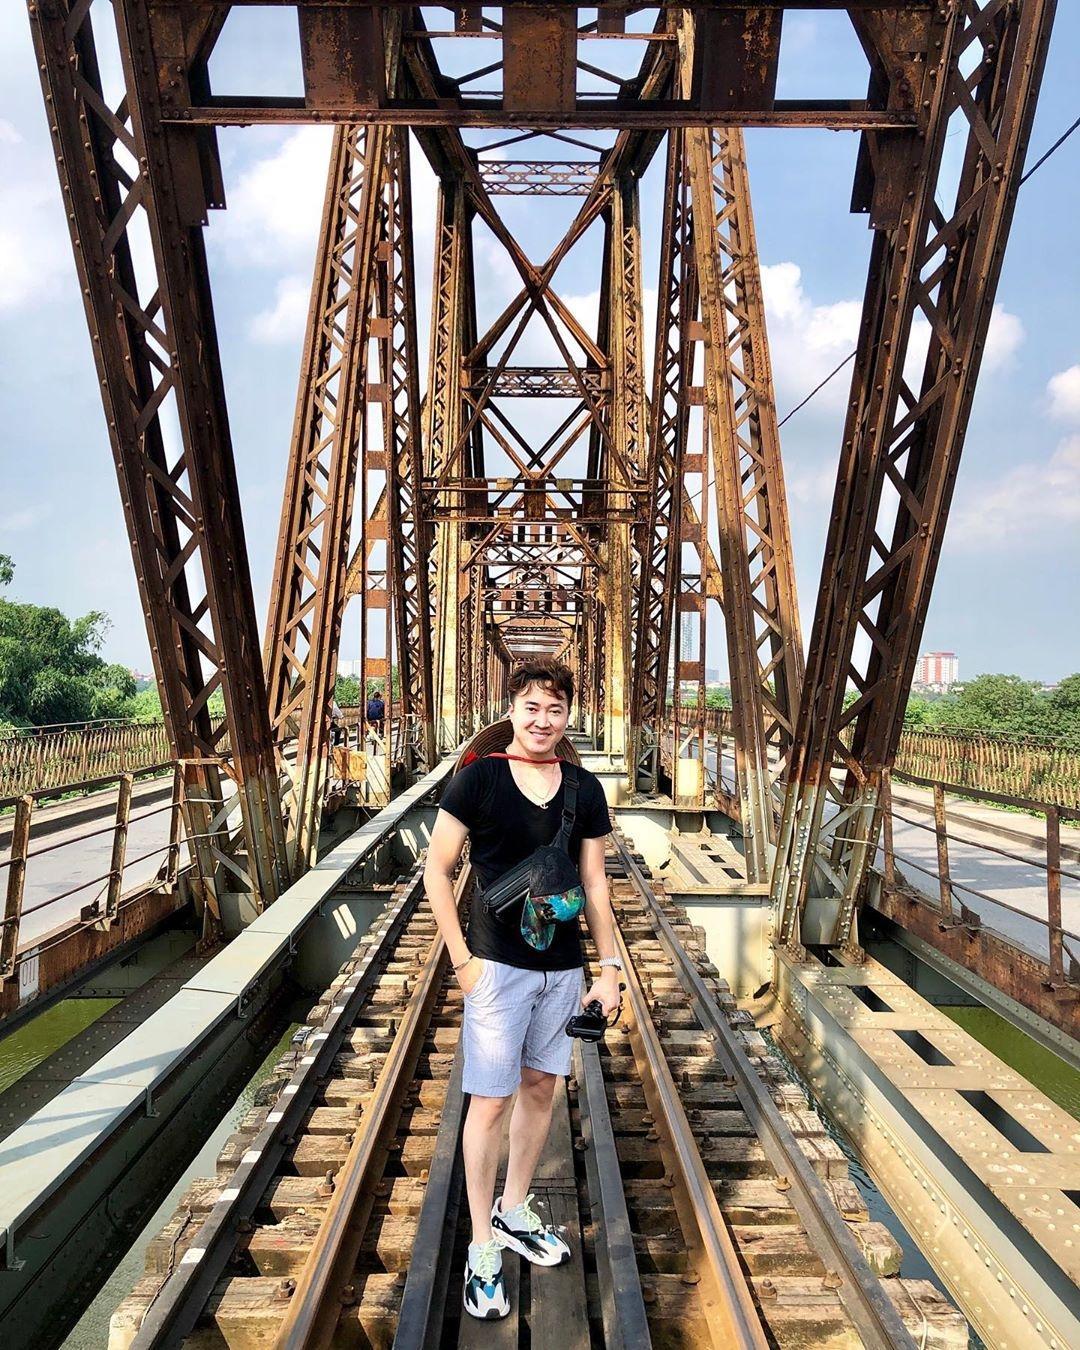 Bất chấp nguy hiểm, khách du lịch đổ xô đến cầu Long Biên chụp ảnh 'check-in' Ảnh 10